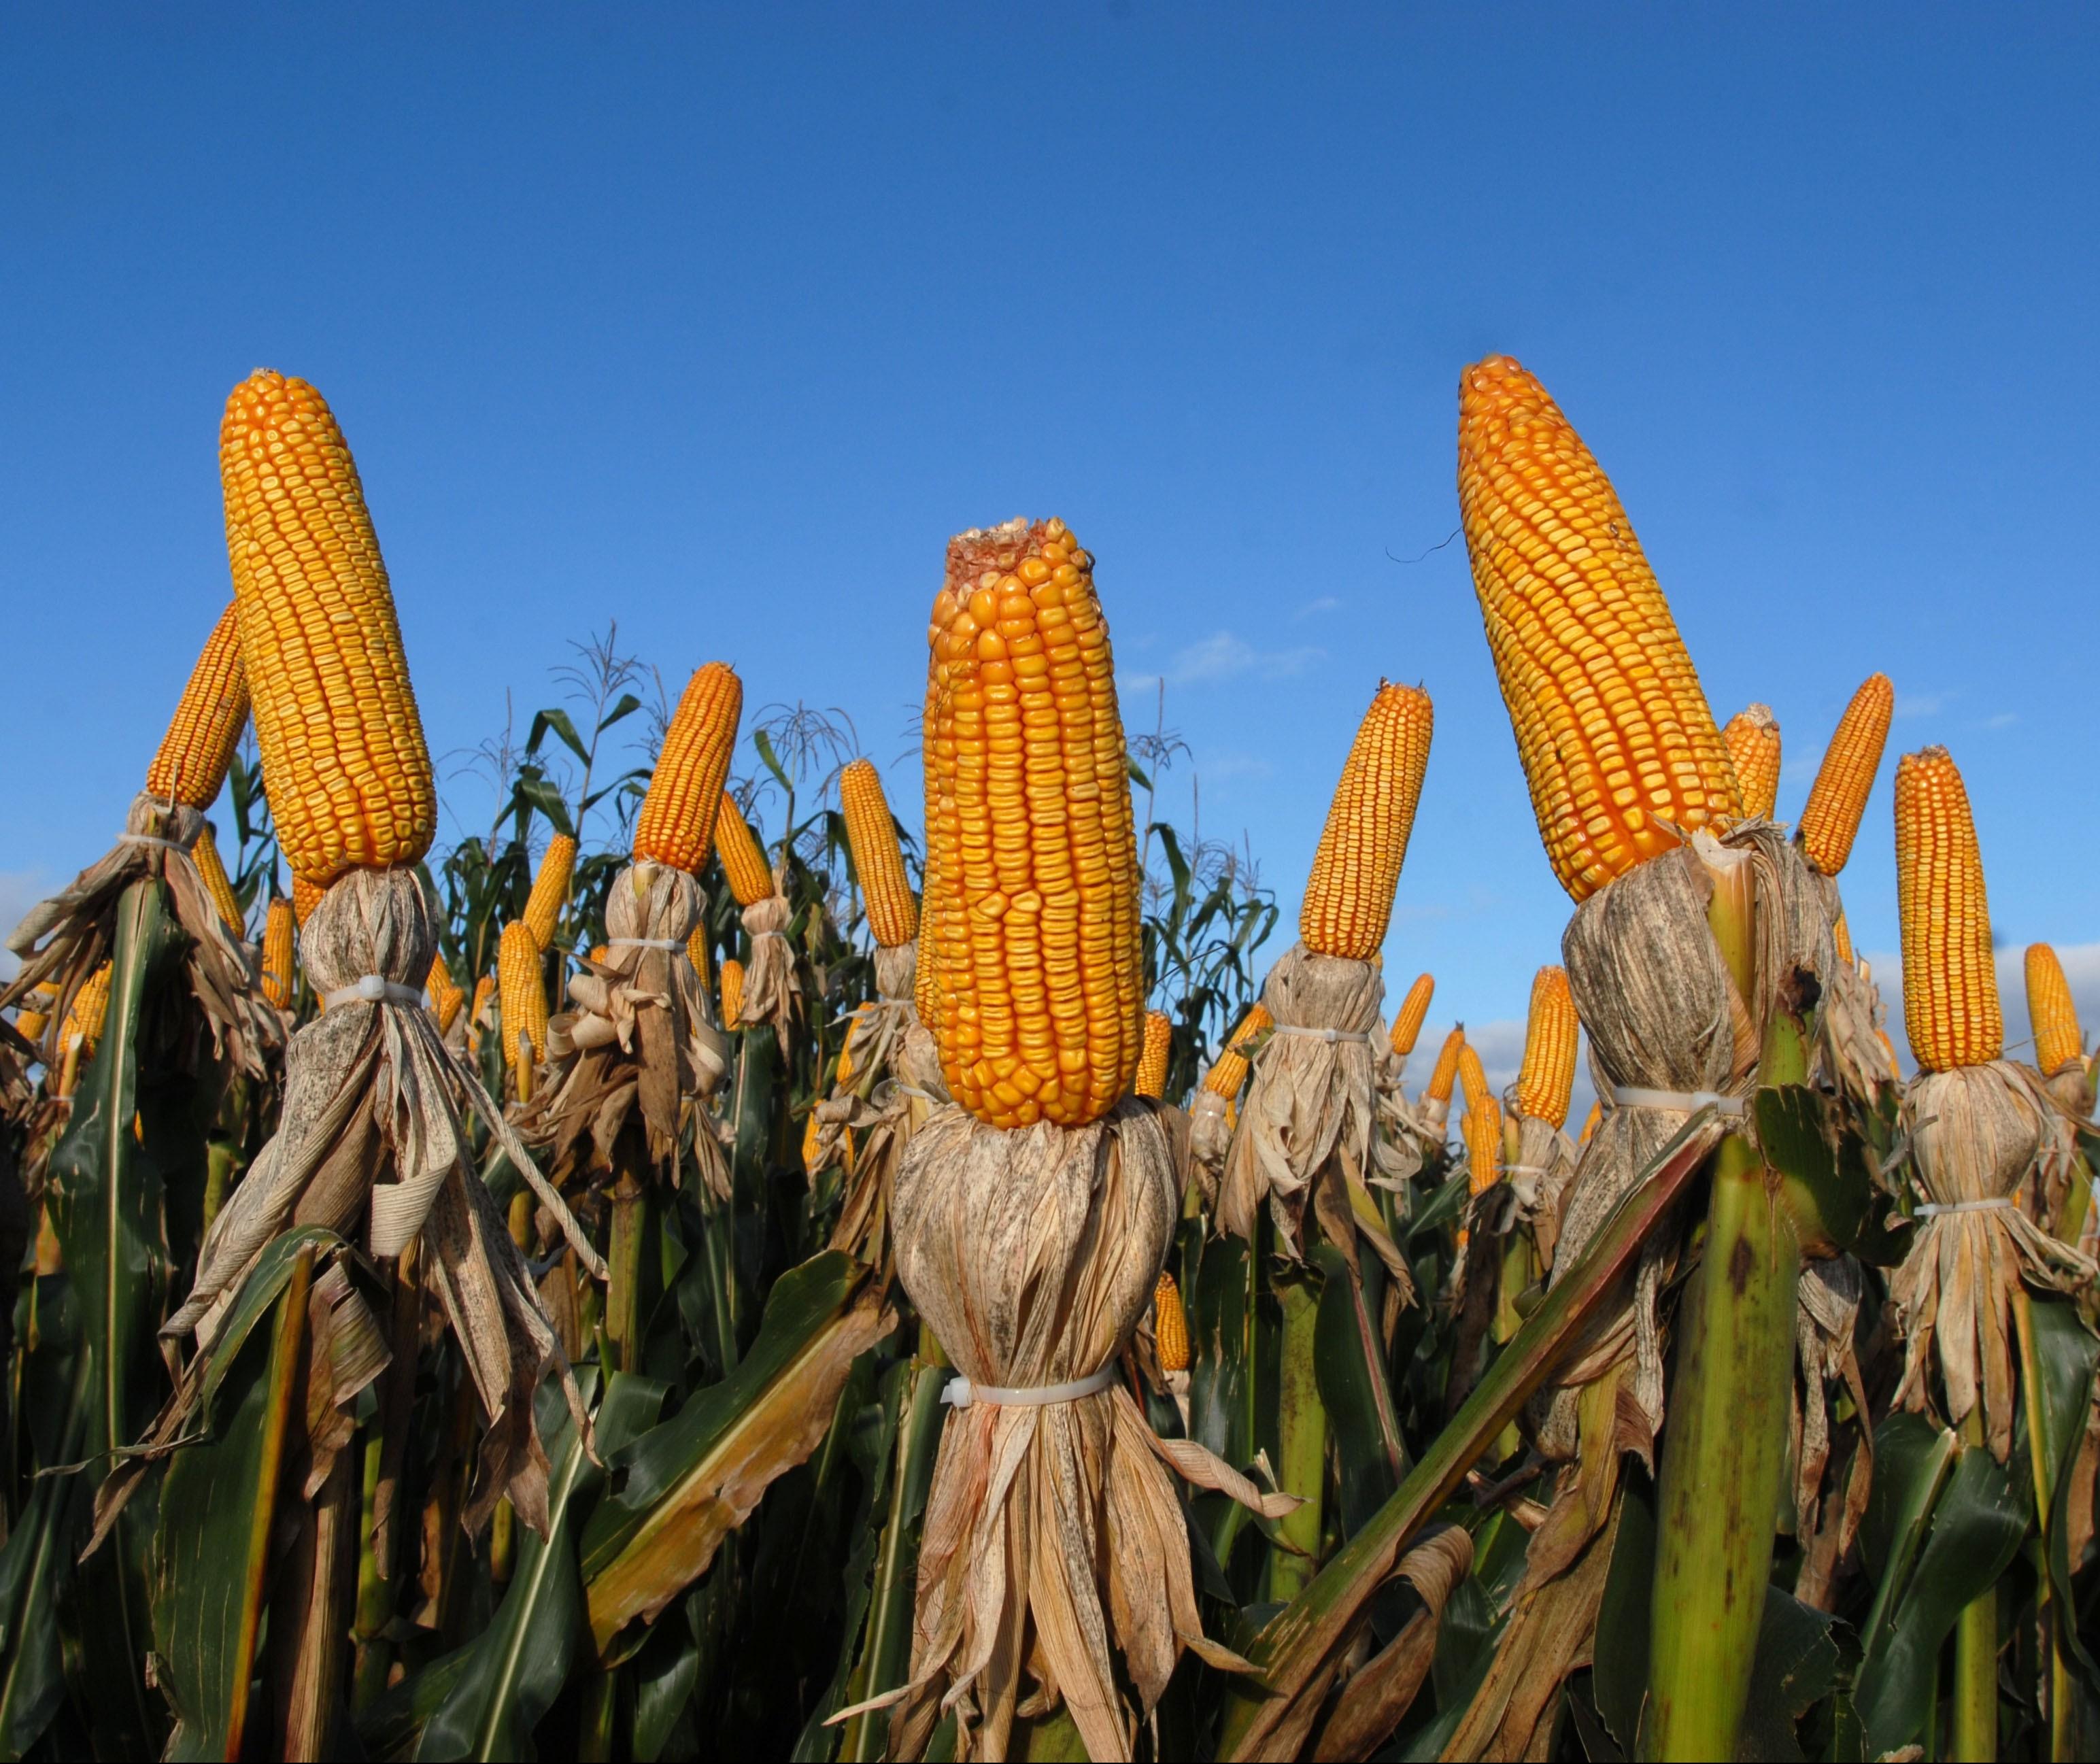 Brasil segue importando milho para atender demanda interna